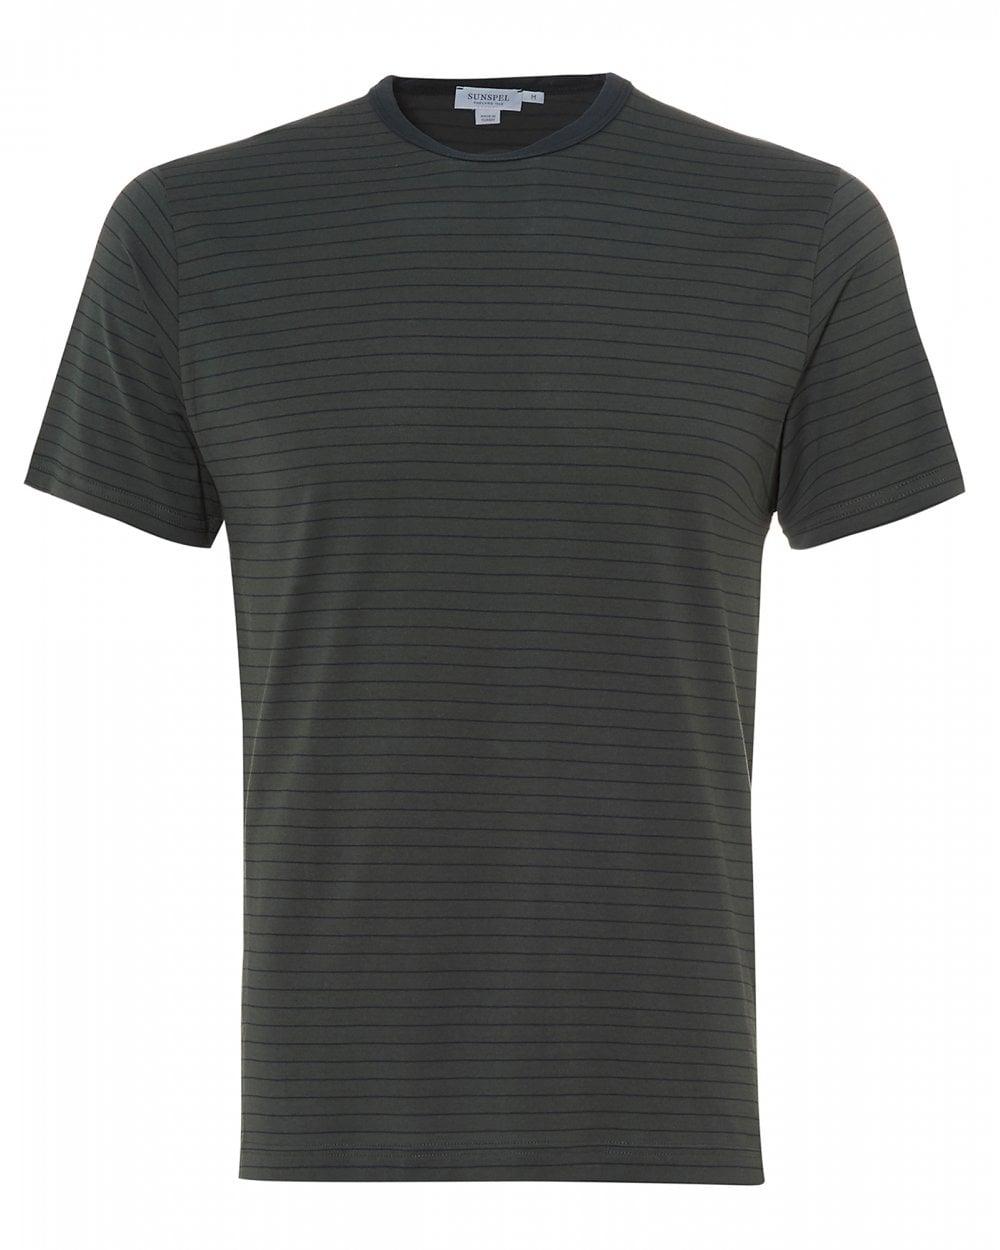 d9660f9905c3d Sunspel Mens Fine Striped T-Shirt